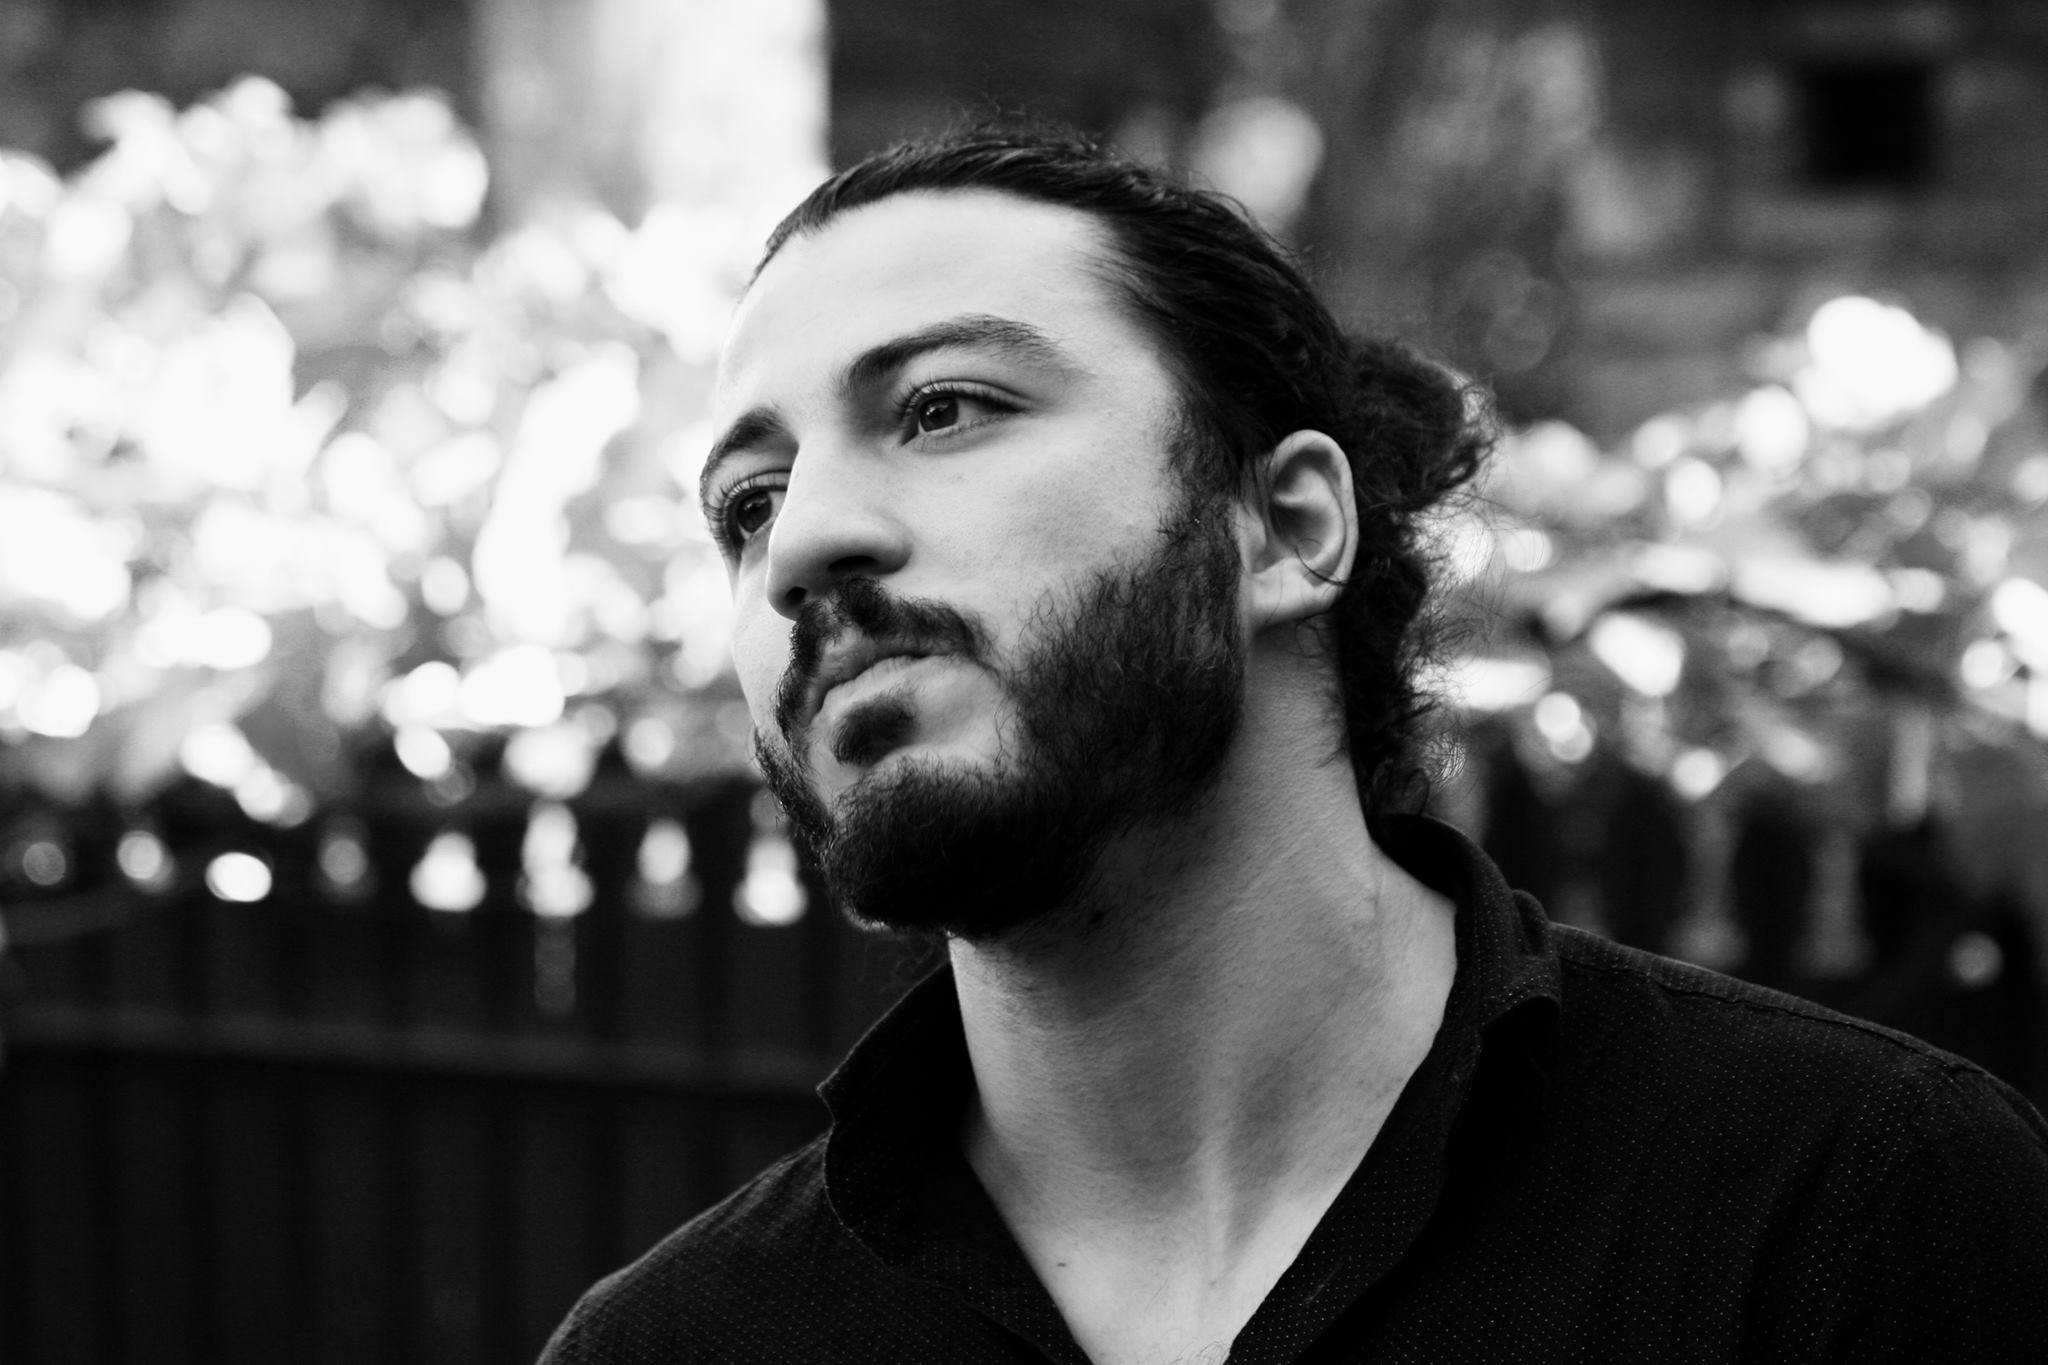 В центре Тбилиси убит 25-летний гражданский активист